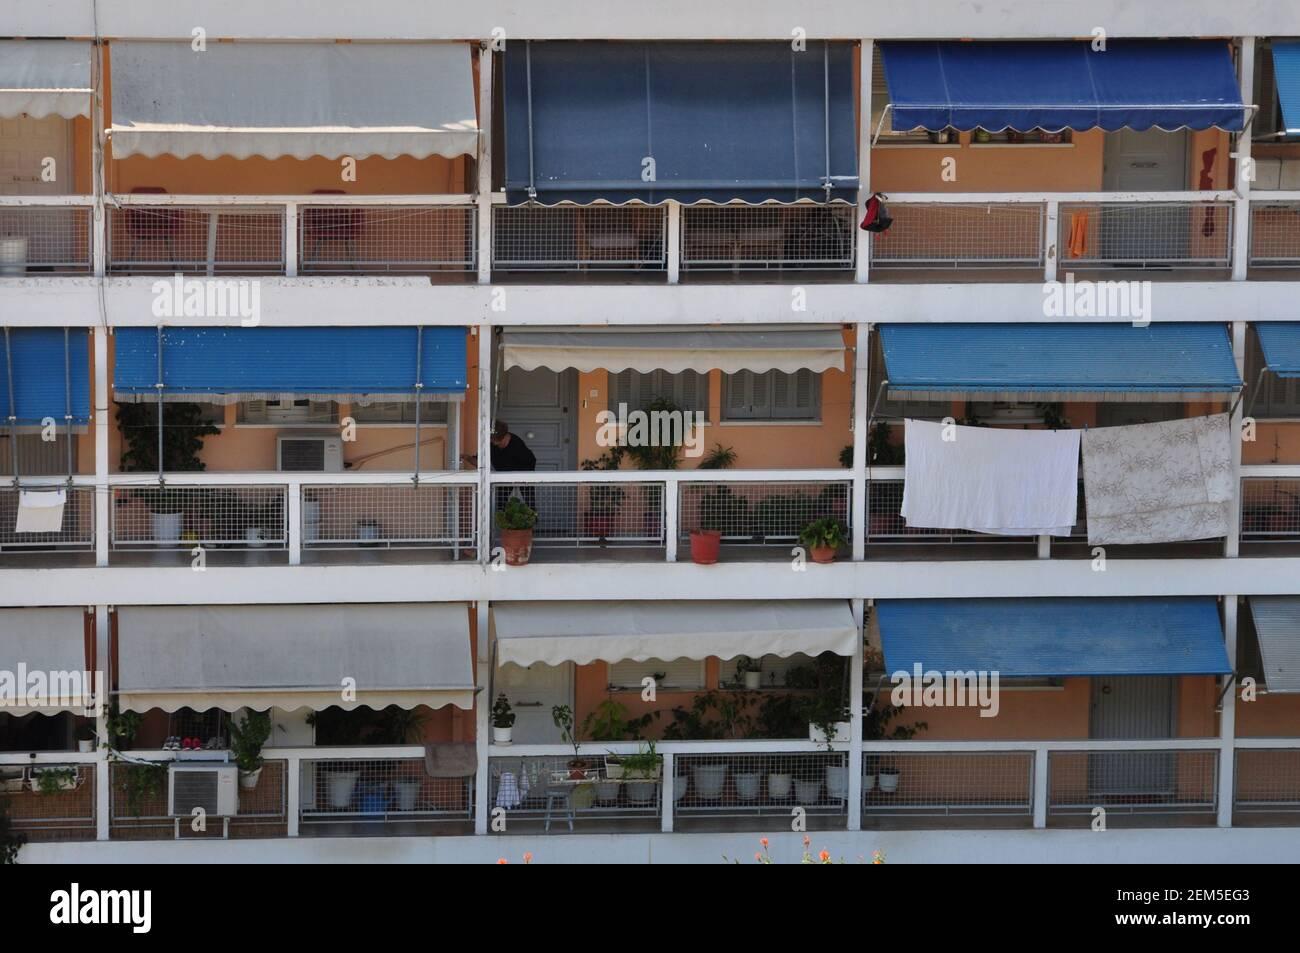 Atene, Grecia - 20 ottobre 2014: Appartamento costruzione balconi con tende nel centro di Atene. Foto Stock